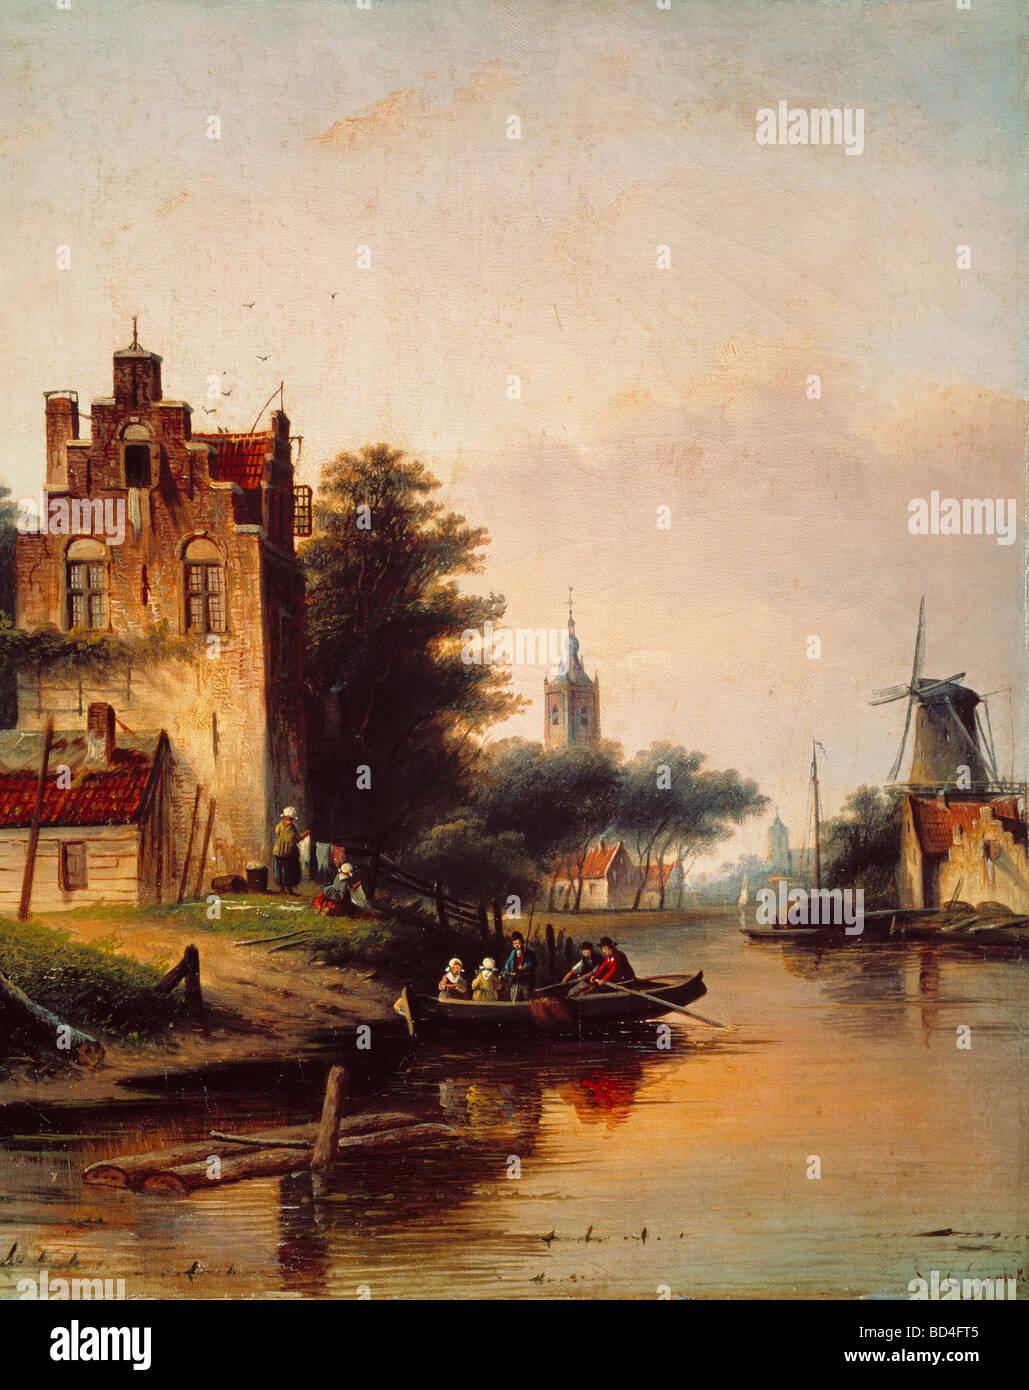 Beaux-arts, Spohler, Jan Jacob (1811 - 1879), peinture, voyage en bateau, Néerlandais, péniche, loisirs, Photo Stock